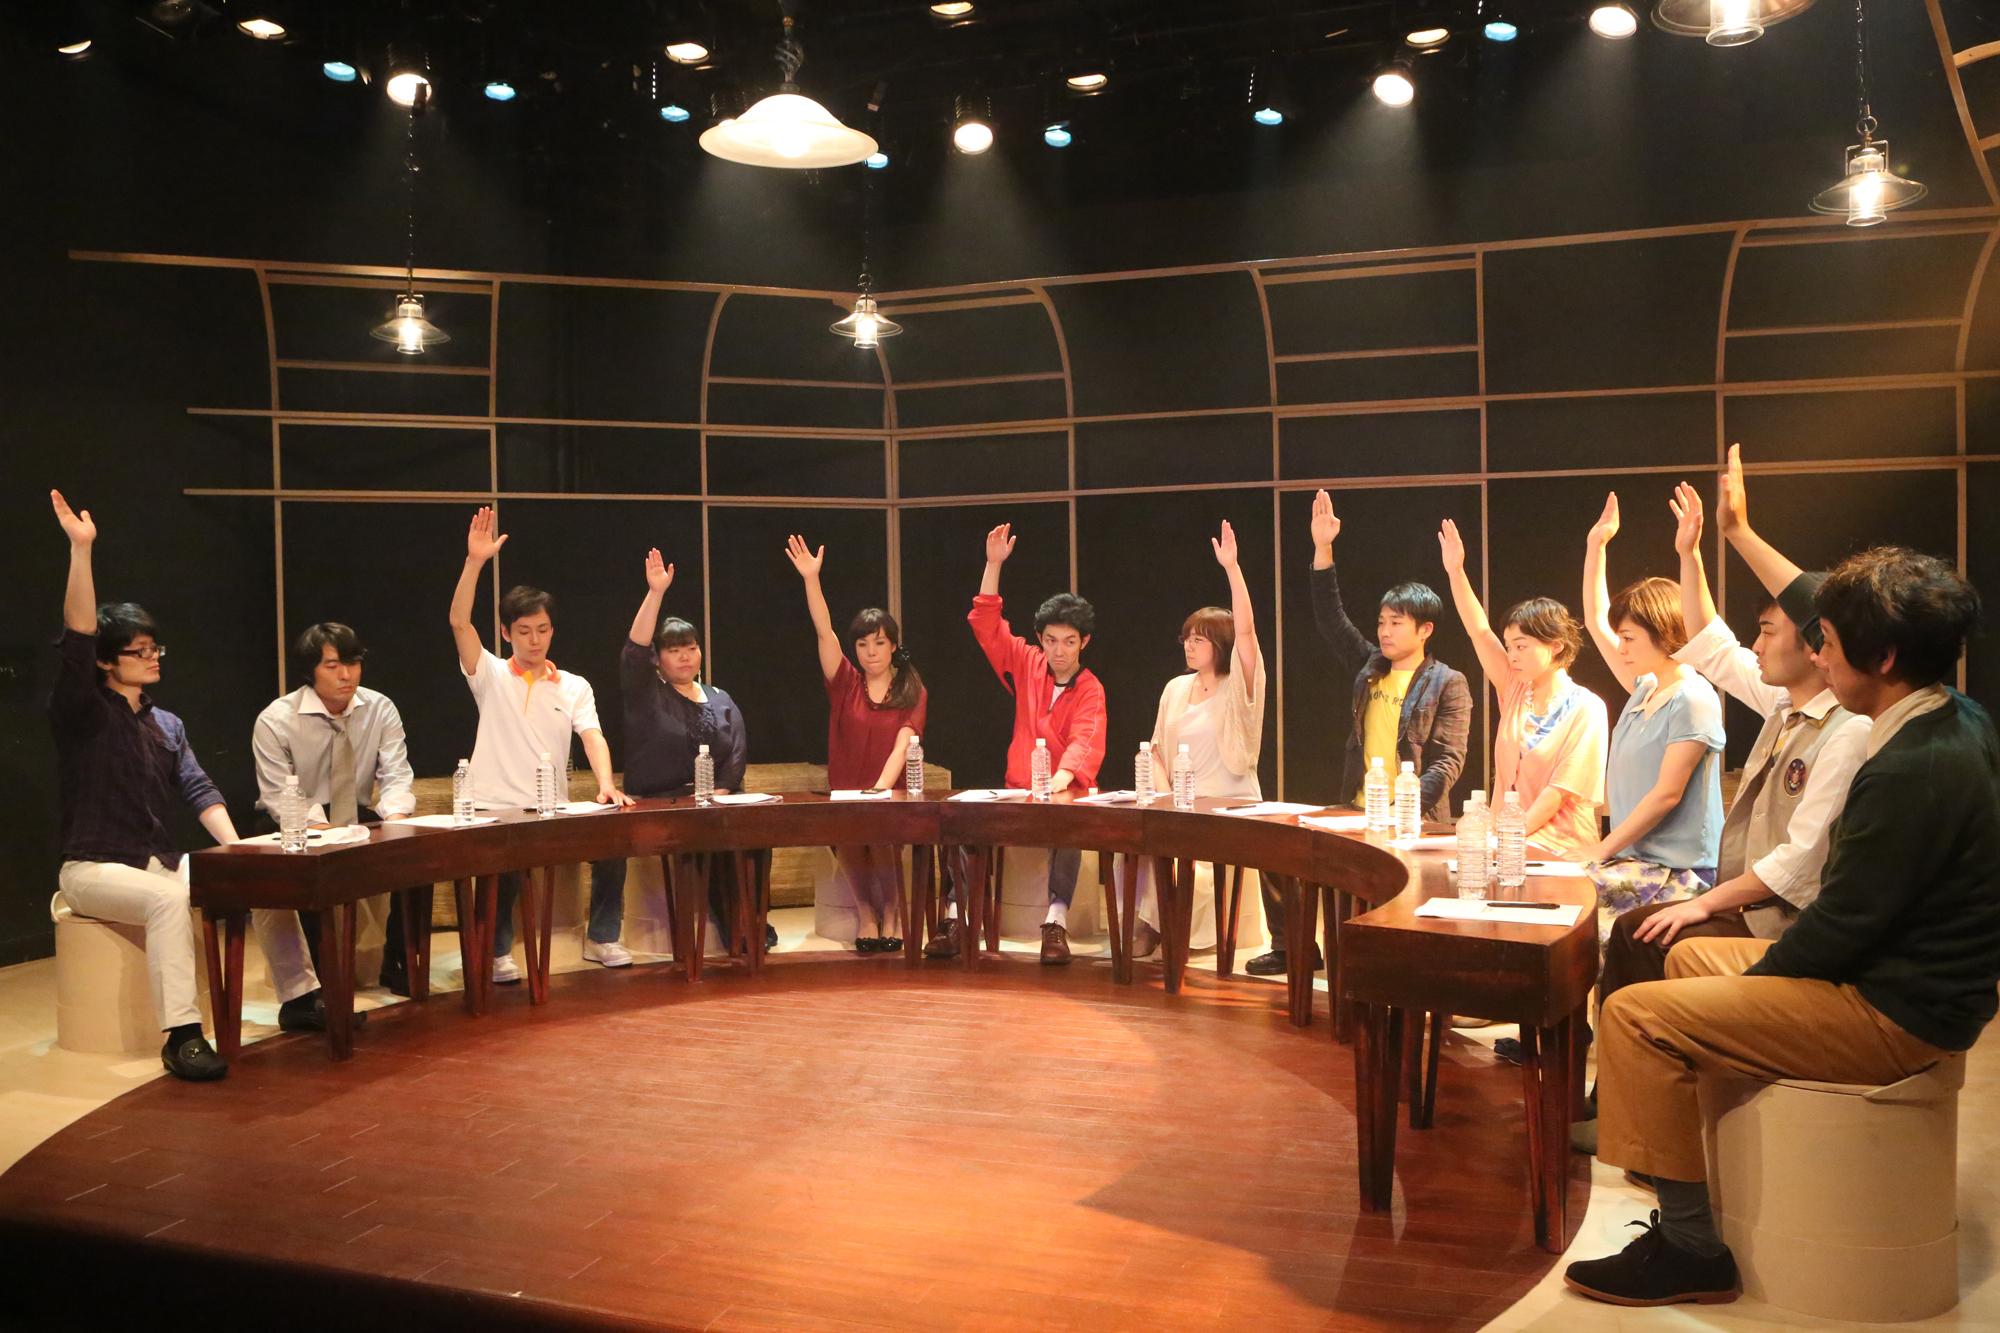 電動夏子安置システム 第31回公演『オシラス』